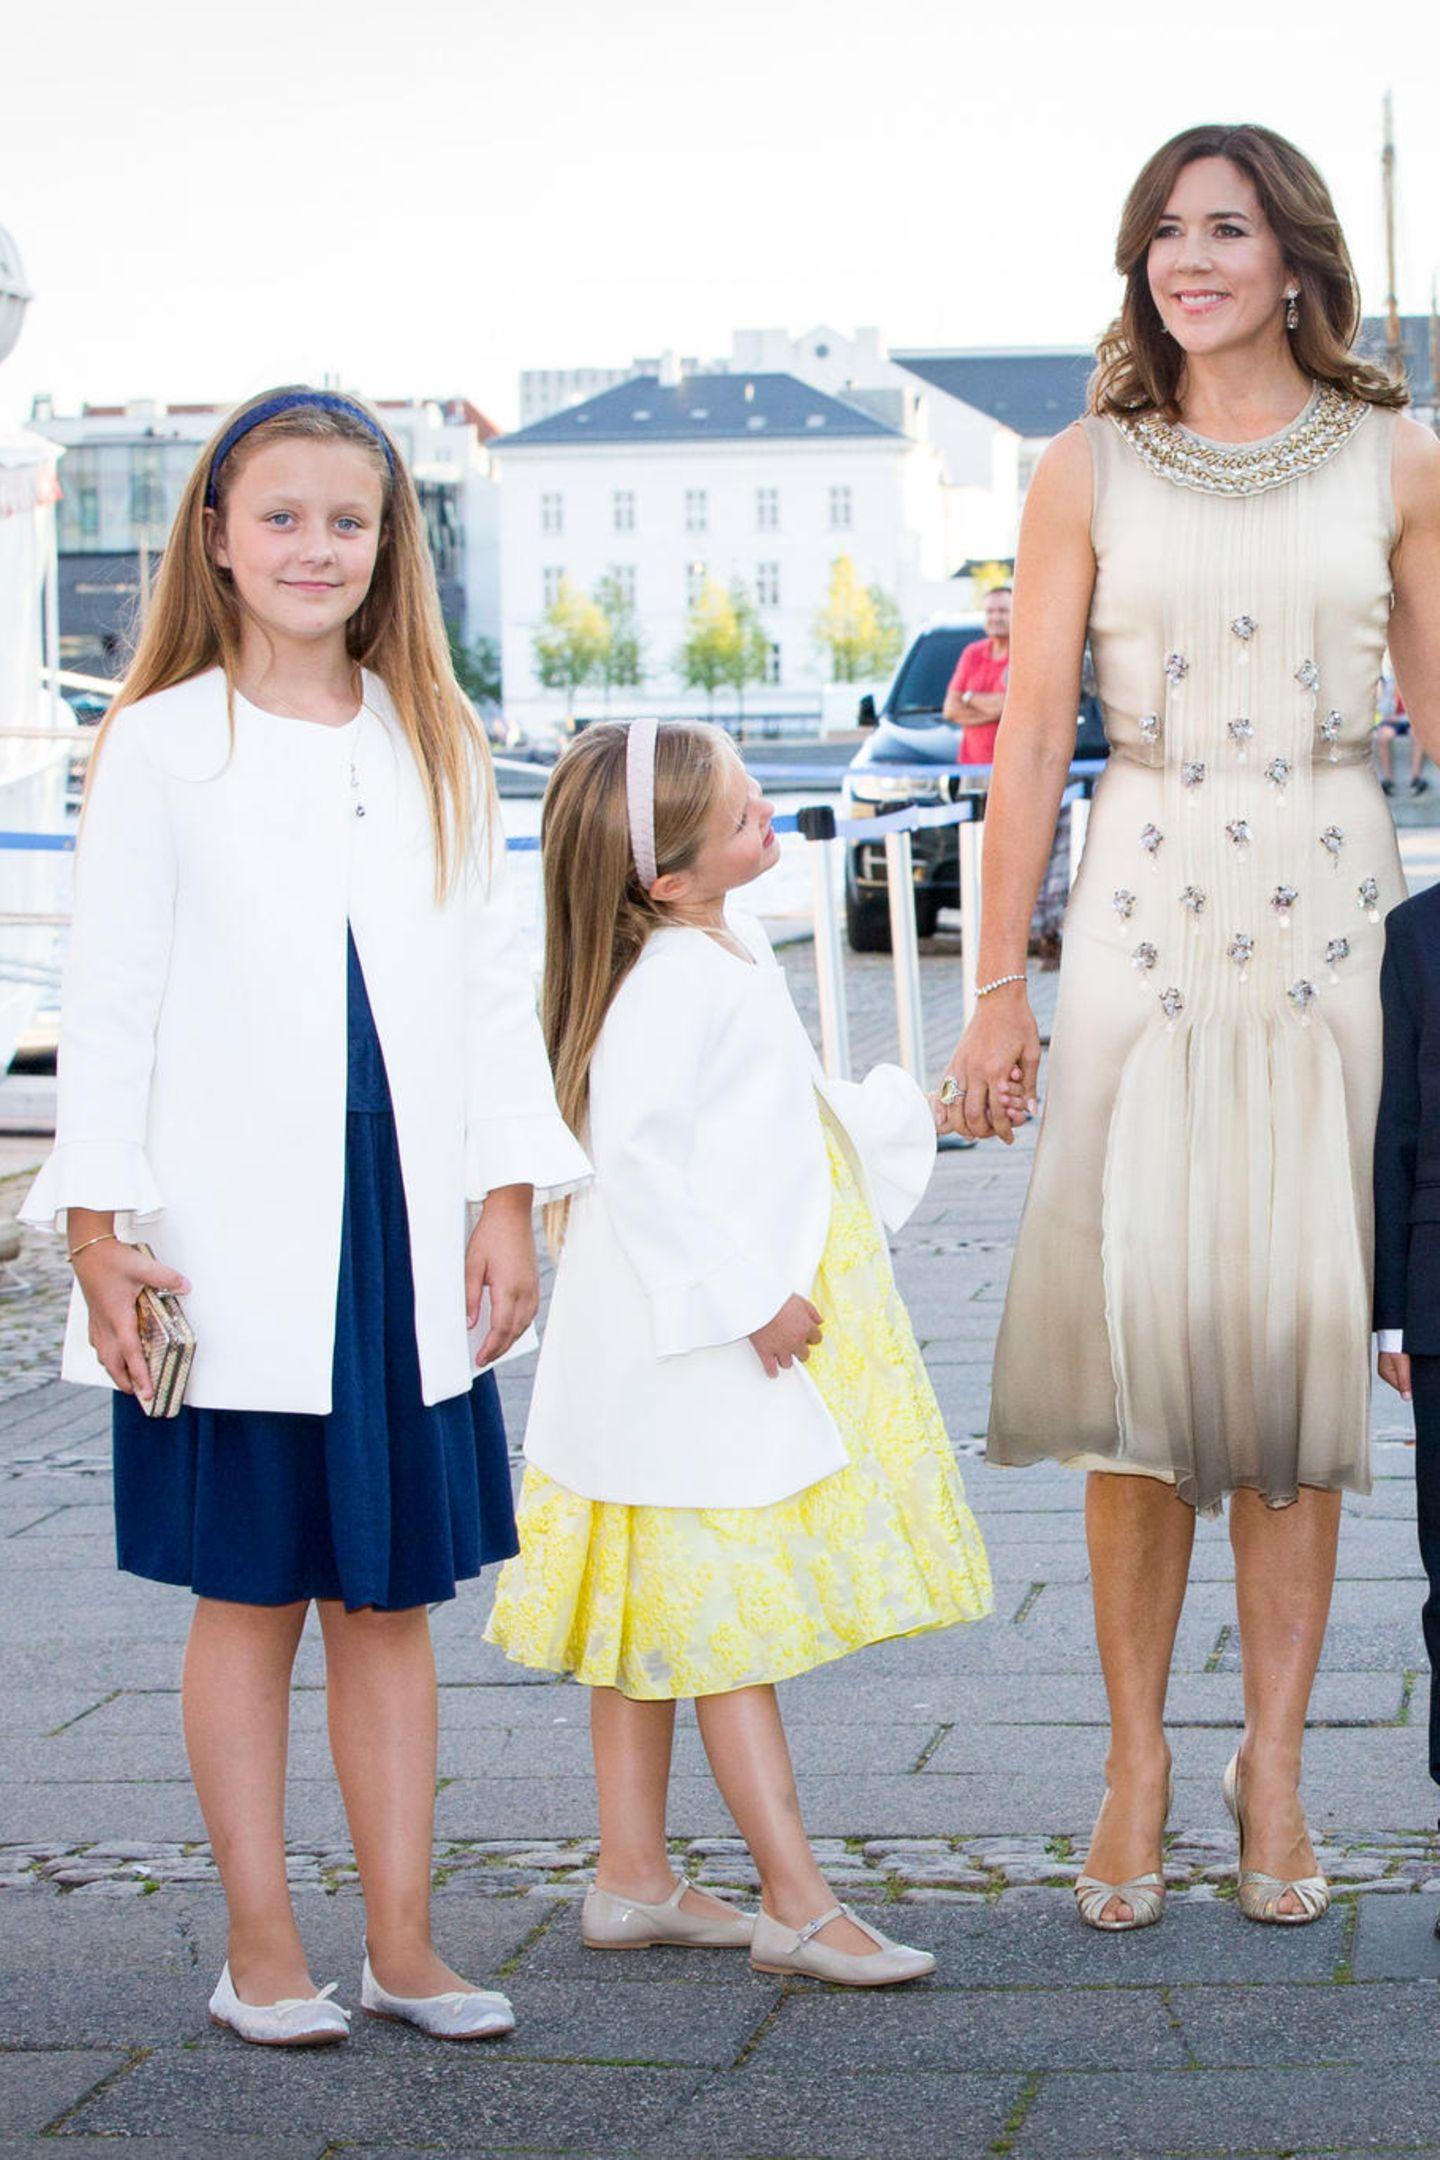 Im August 2017, mit zehn Jahren, scheint in Prinzessin Isabella von Dänemark schon die Nachwuchs-Stilikone durch. Zum dunkelblauen Sommerkleid trägt sie einen leichten, weißen Mantel mit Volantärmeln.